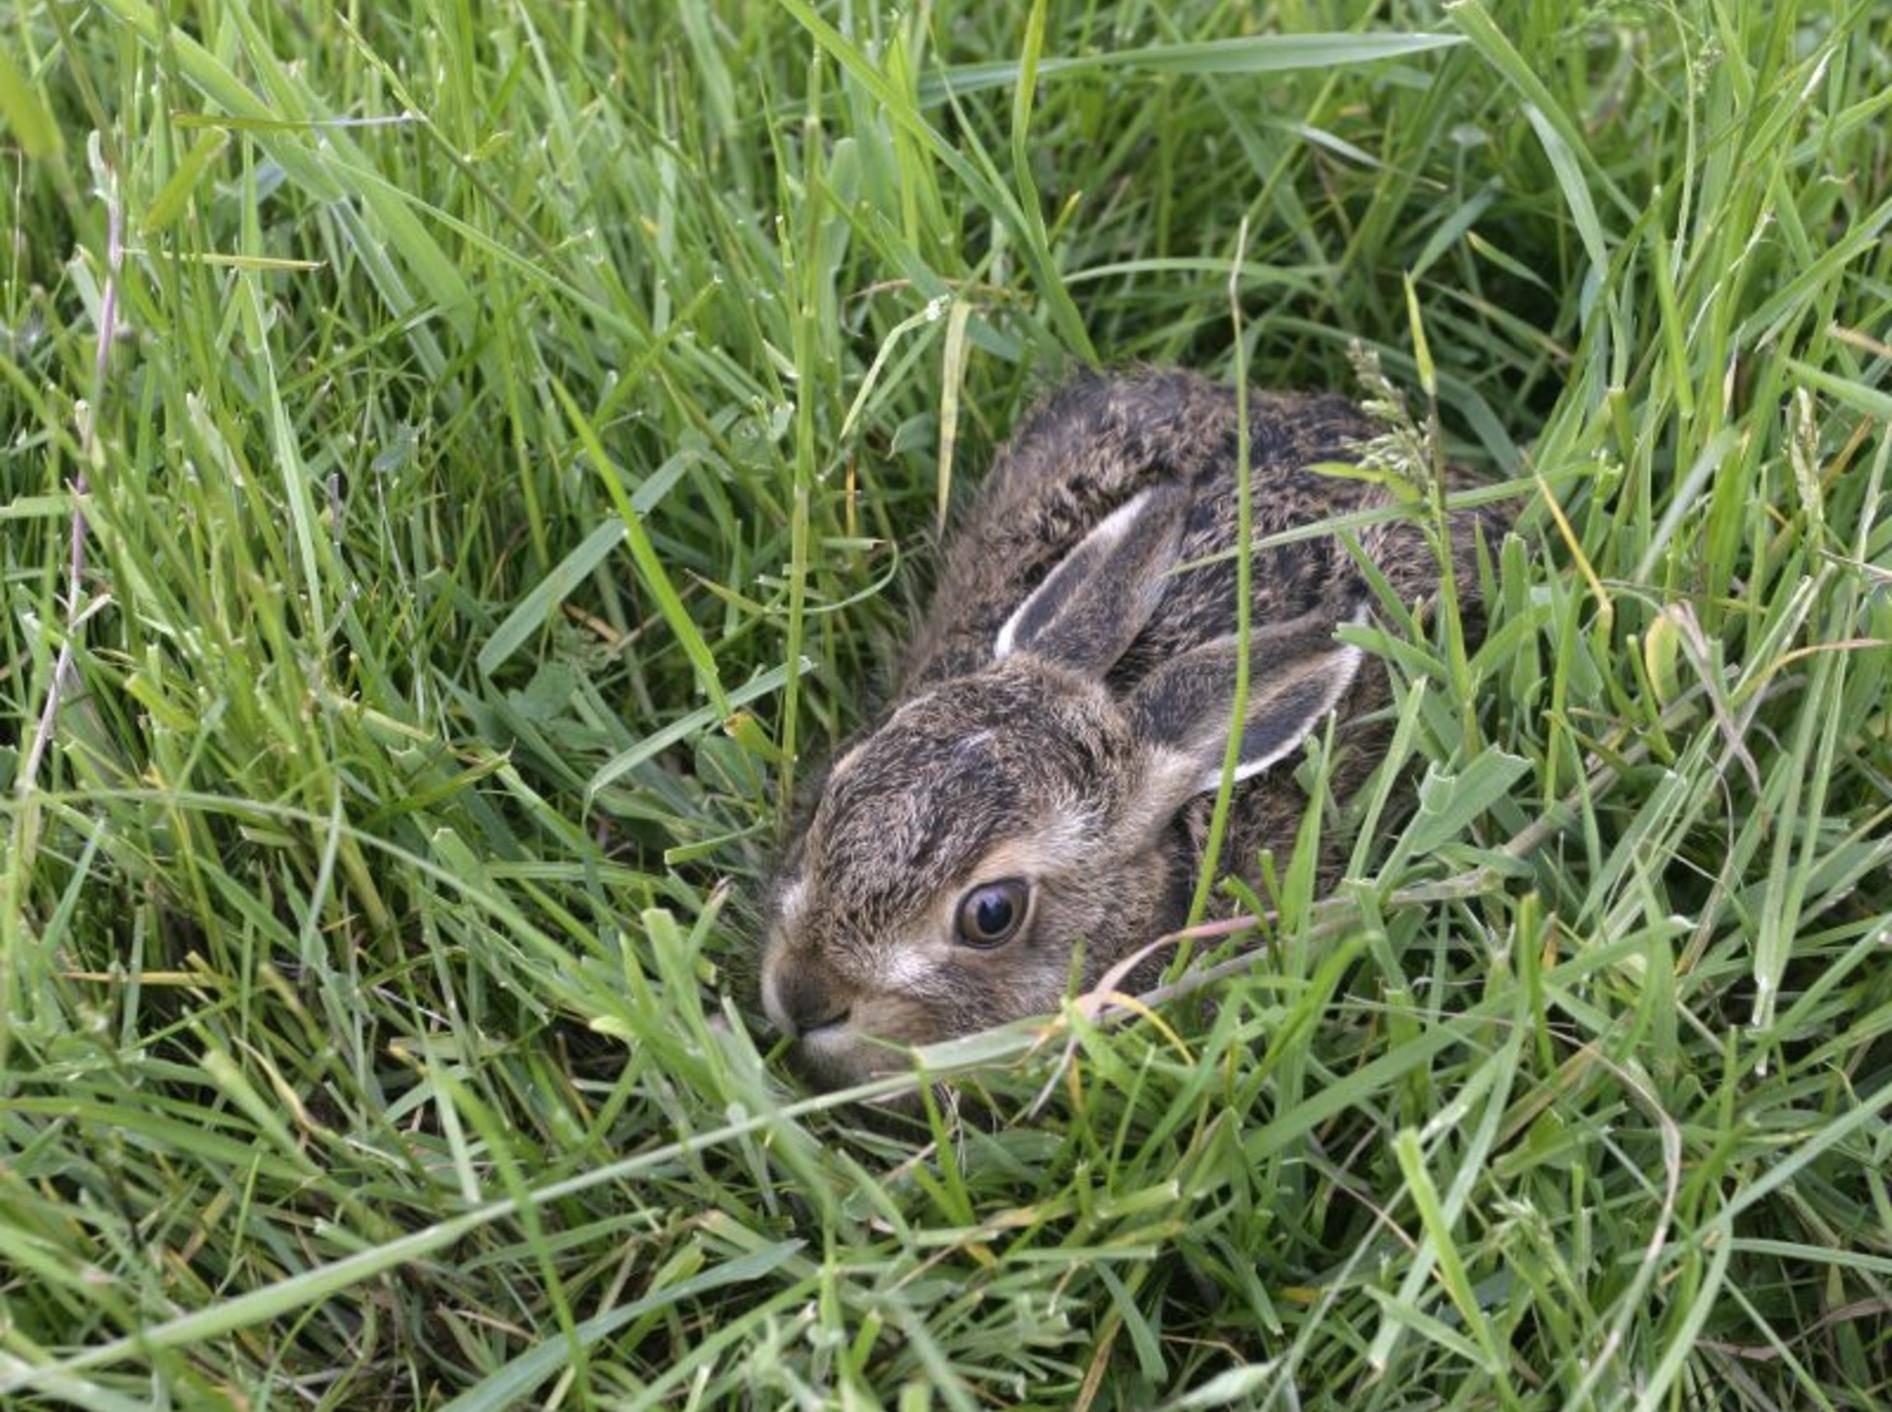 Einsame Feldhasenbabys brauchen nicht immer Hilfe vom Menschen – Shutterstock / Erni